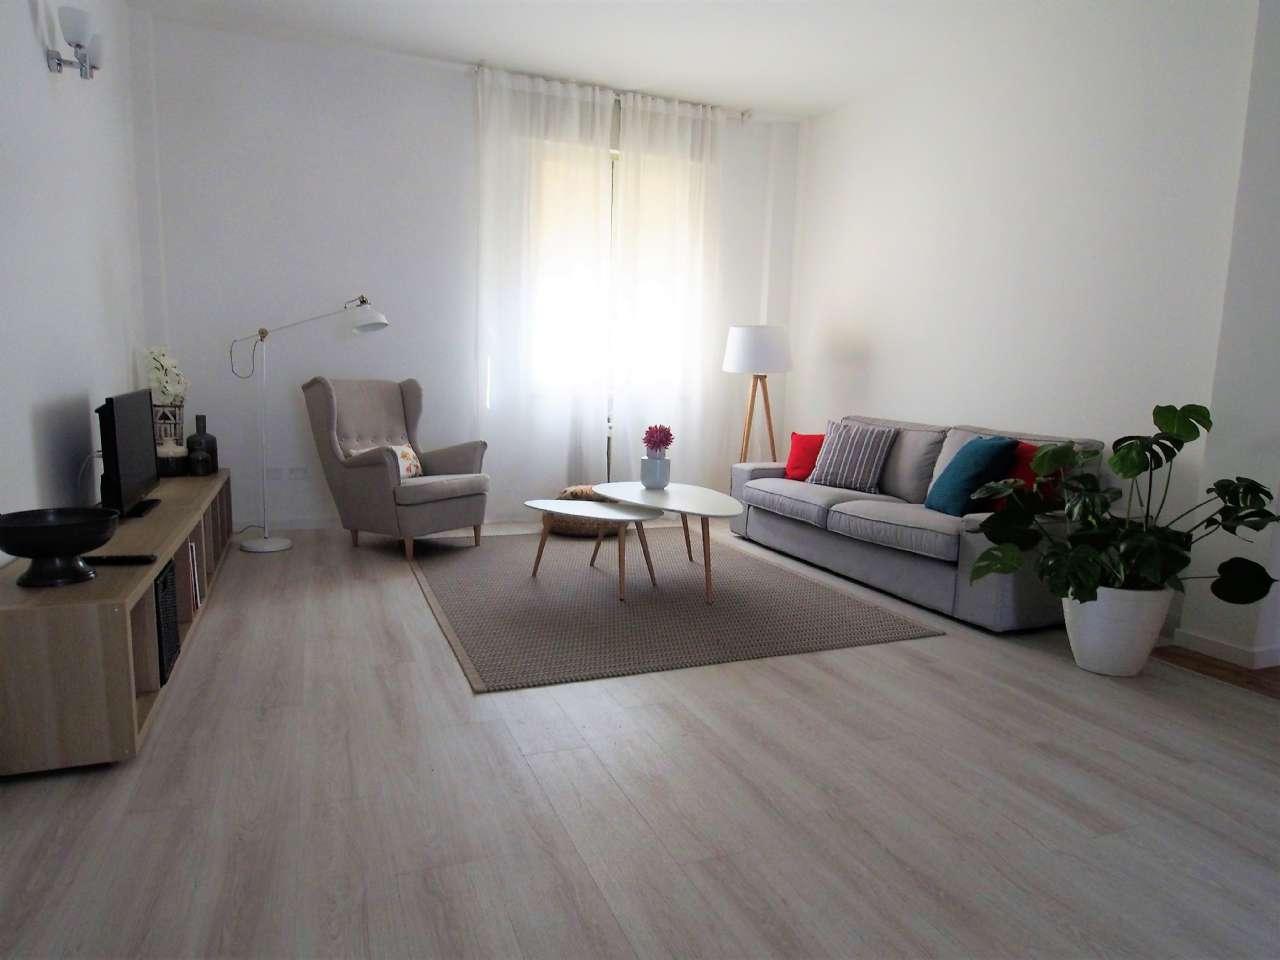 Appartamento in vendita a rimini rif imm